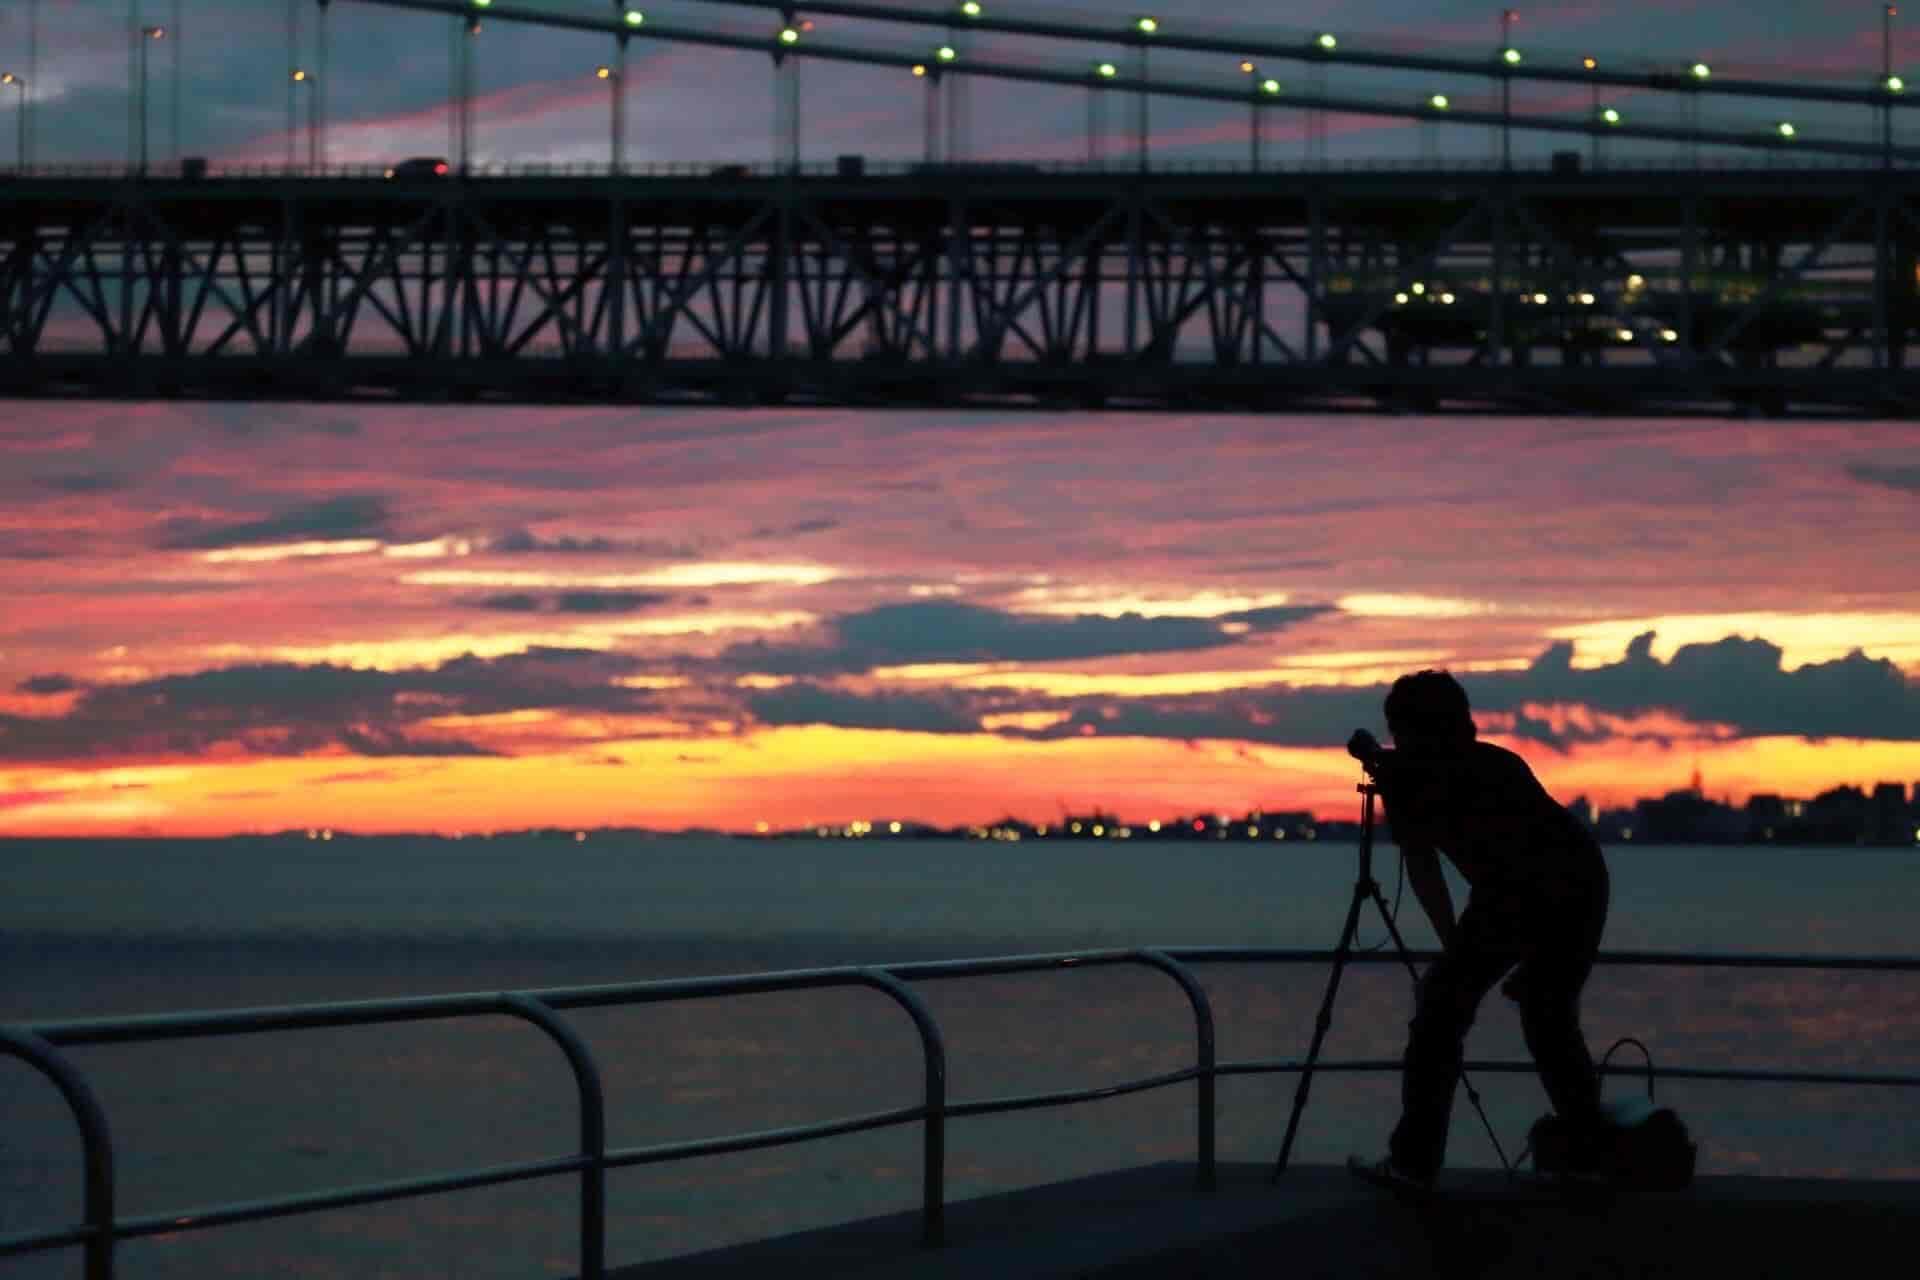 ラブ探偵事務所と他社の茨城県坂東市での夜間暗視撮影